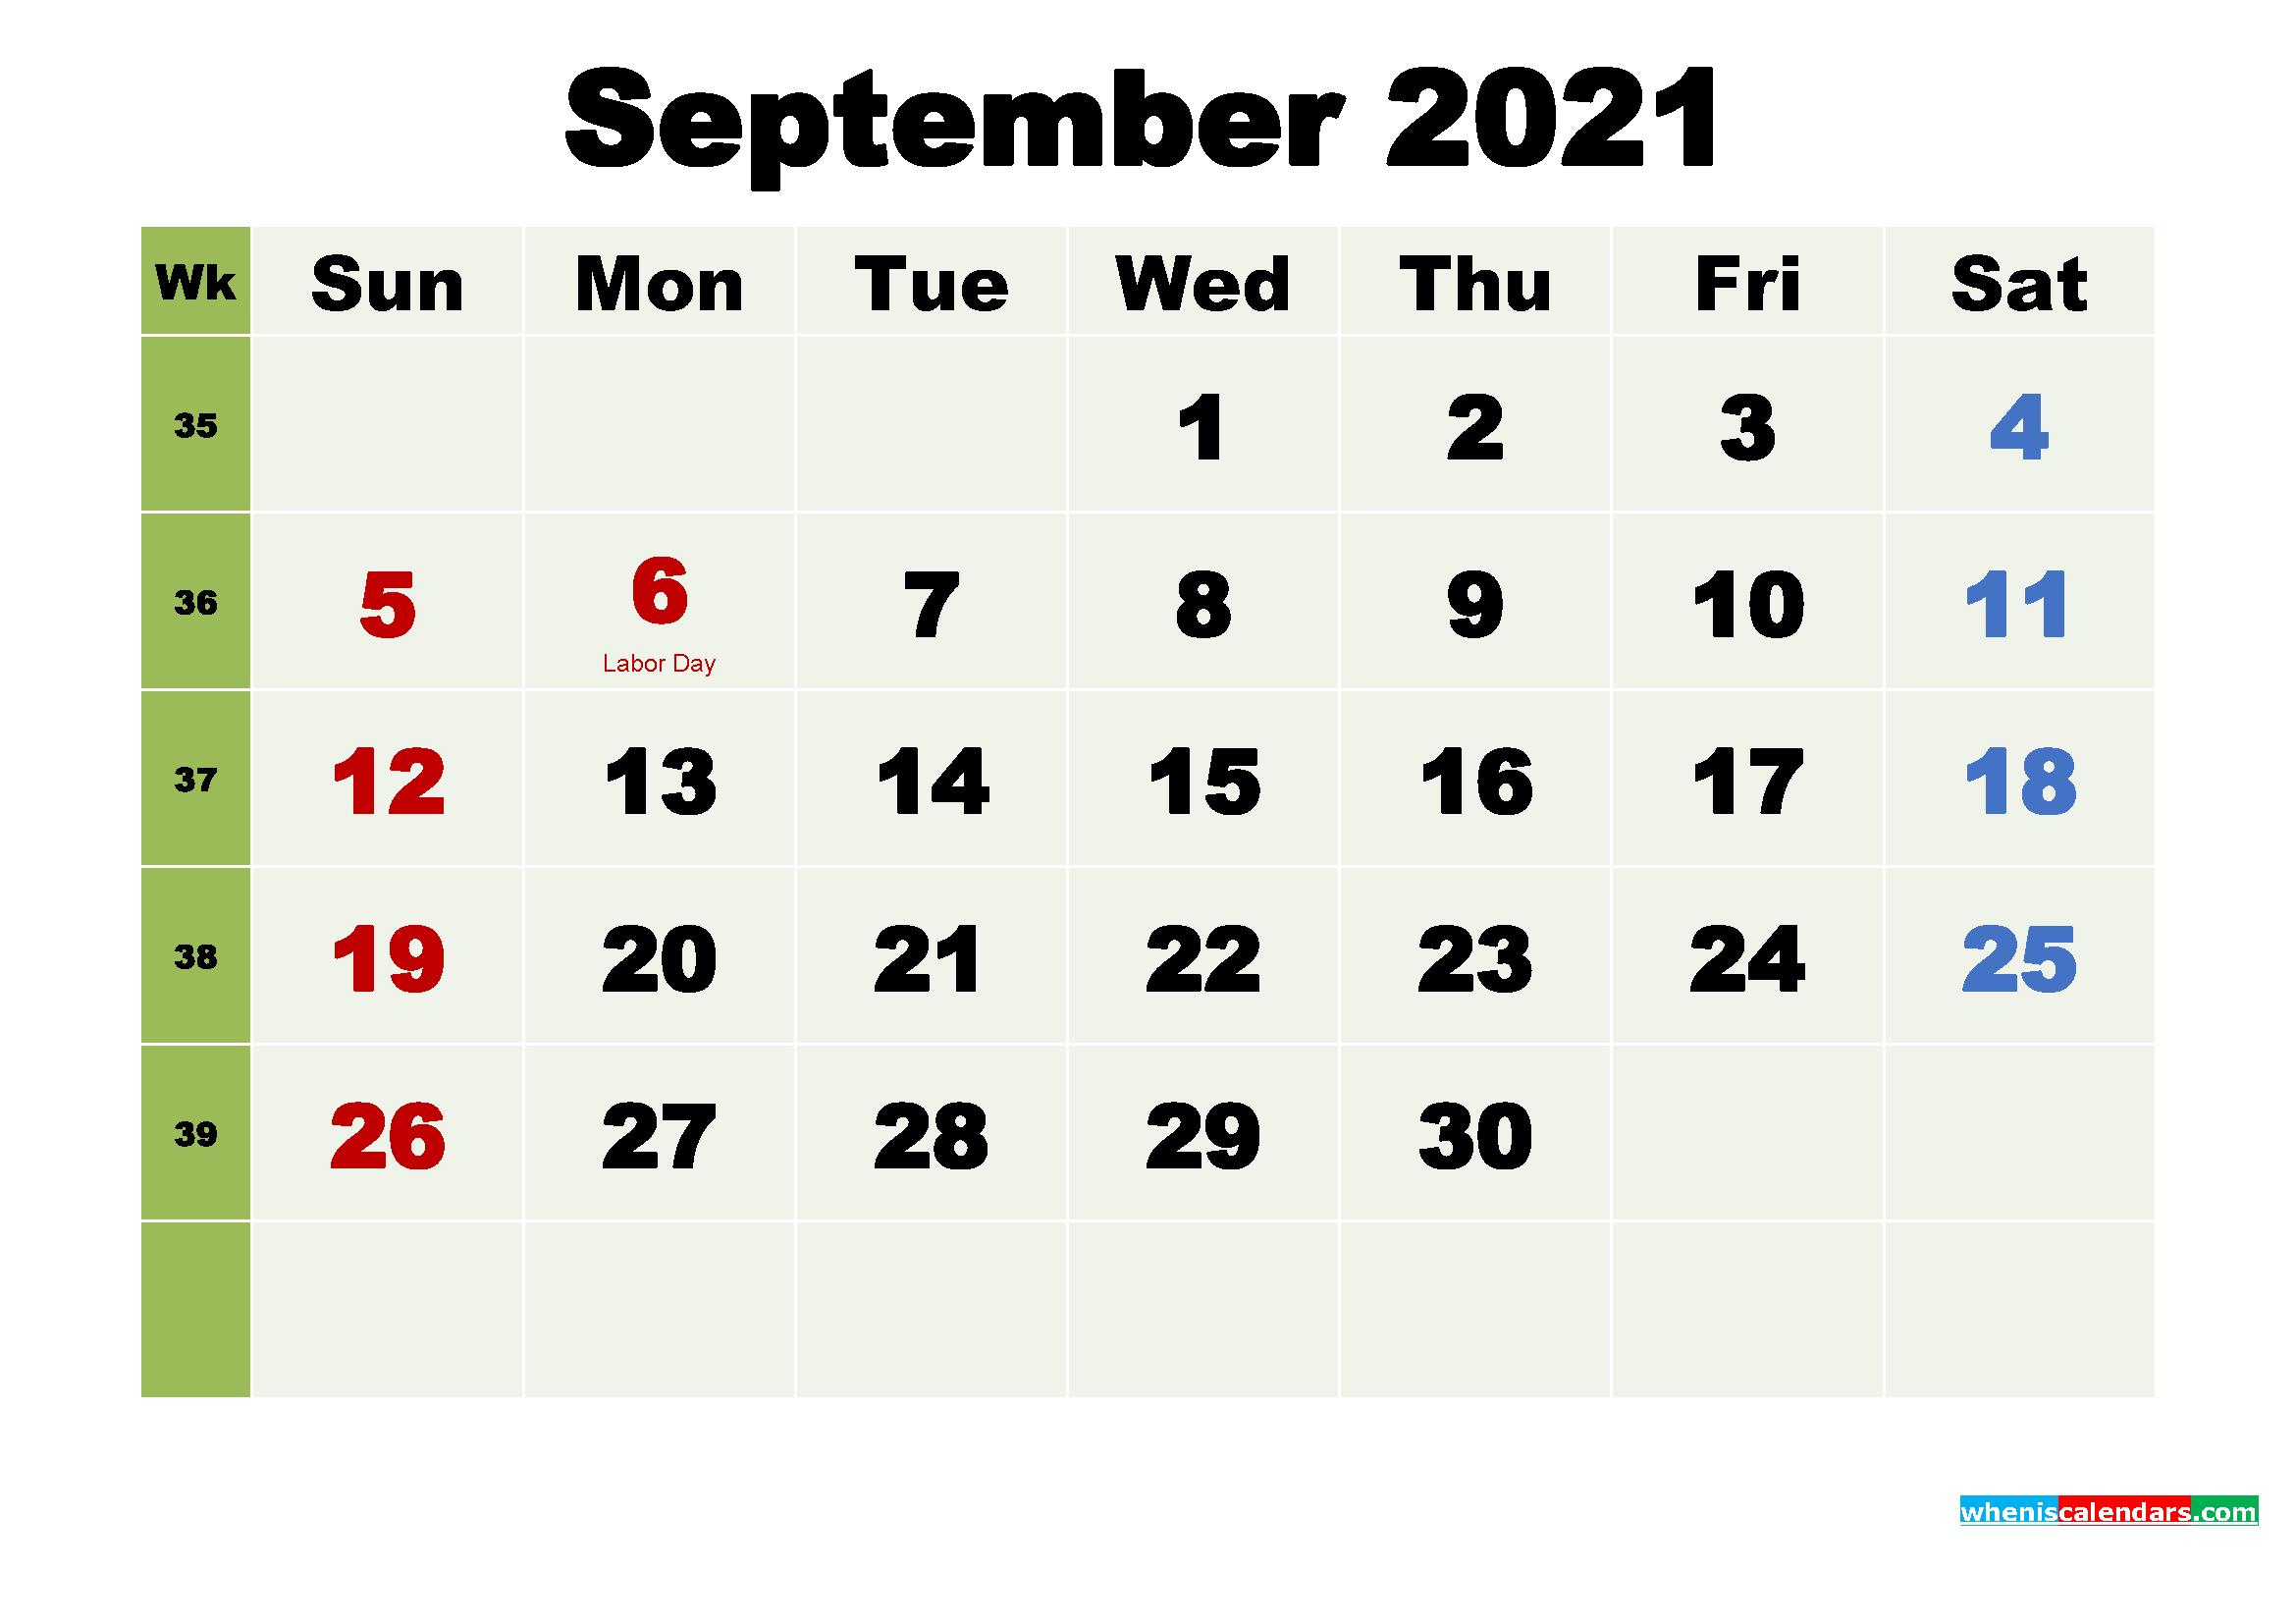 September 2021 Calendar Wallpaper High Resolution